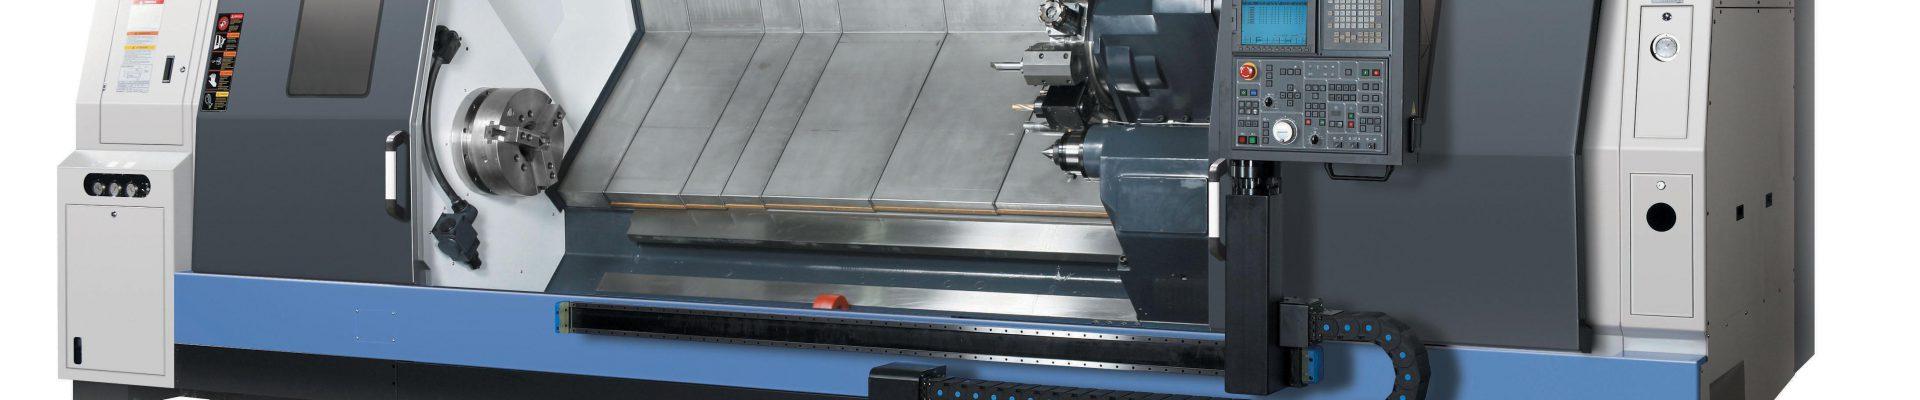 Investition in neues CNC-Dreh- und Fräszentrum DOOSAN PUMA 700LM